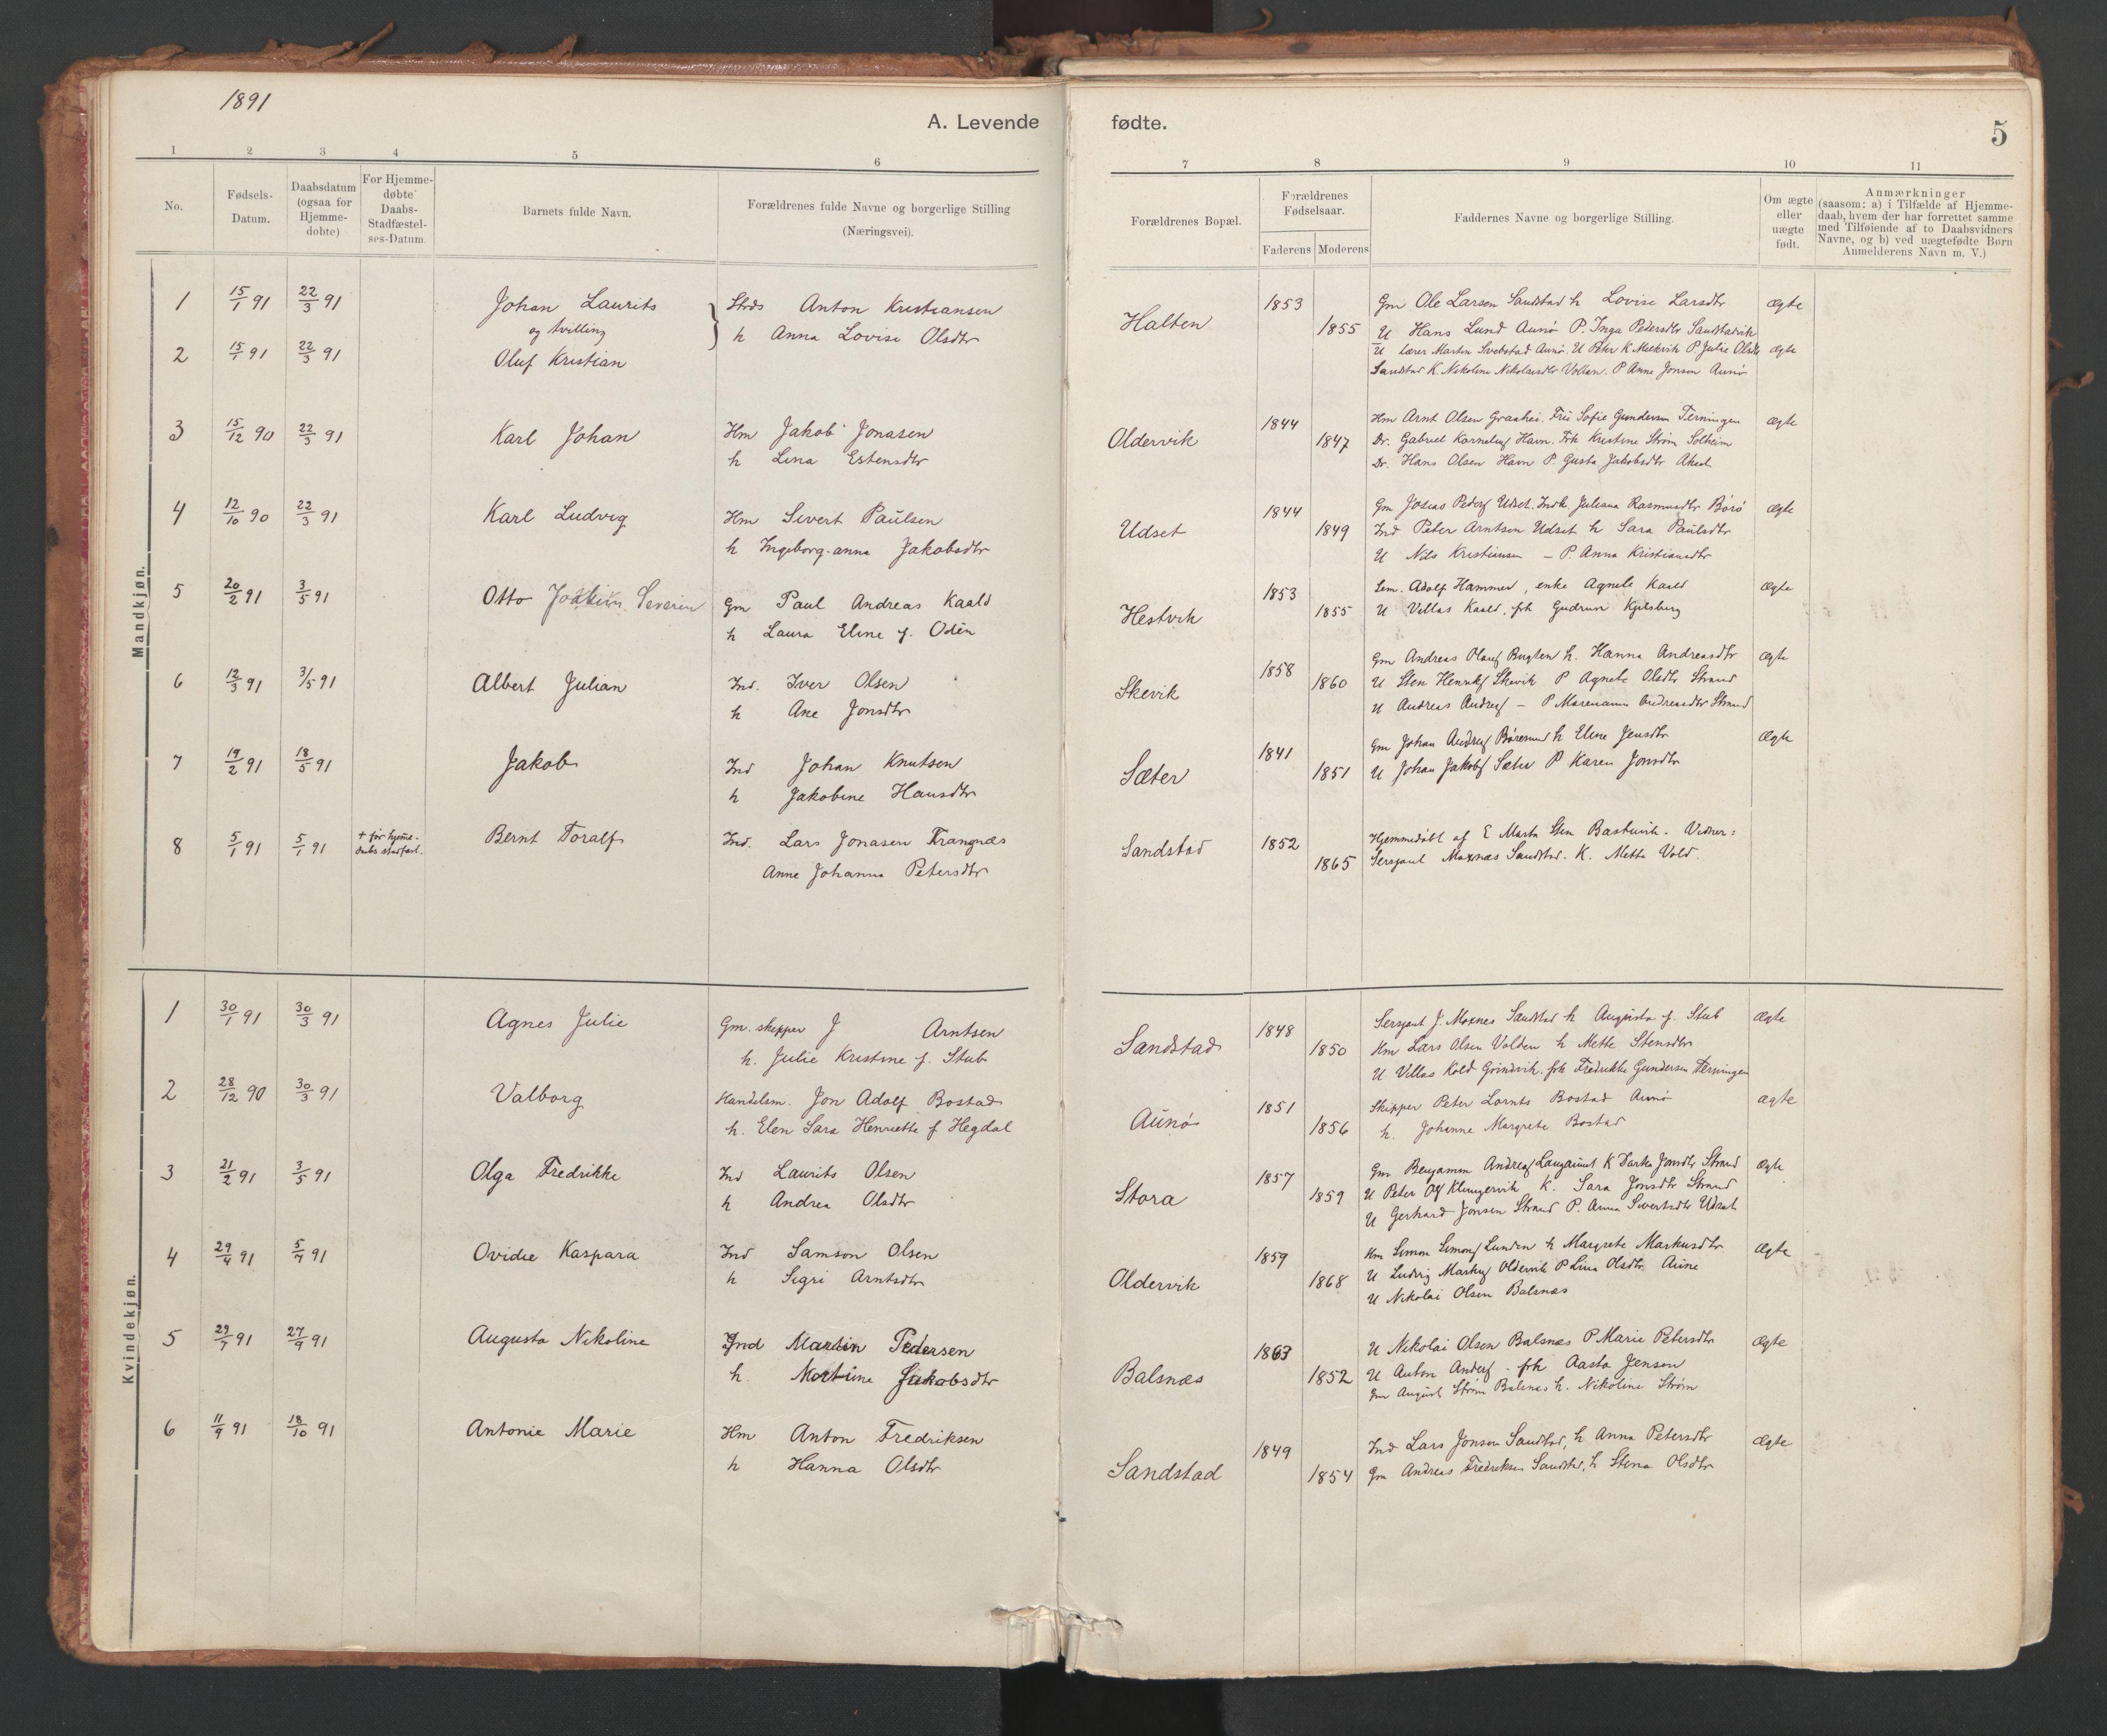 SAT, Ministerialprotokoller, klokkerbøker og fødselsregistre - Sør-Trøndelag, 639/L0572: Ministerialbok nr. 639A01, 1890-1920, s. 5